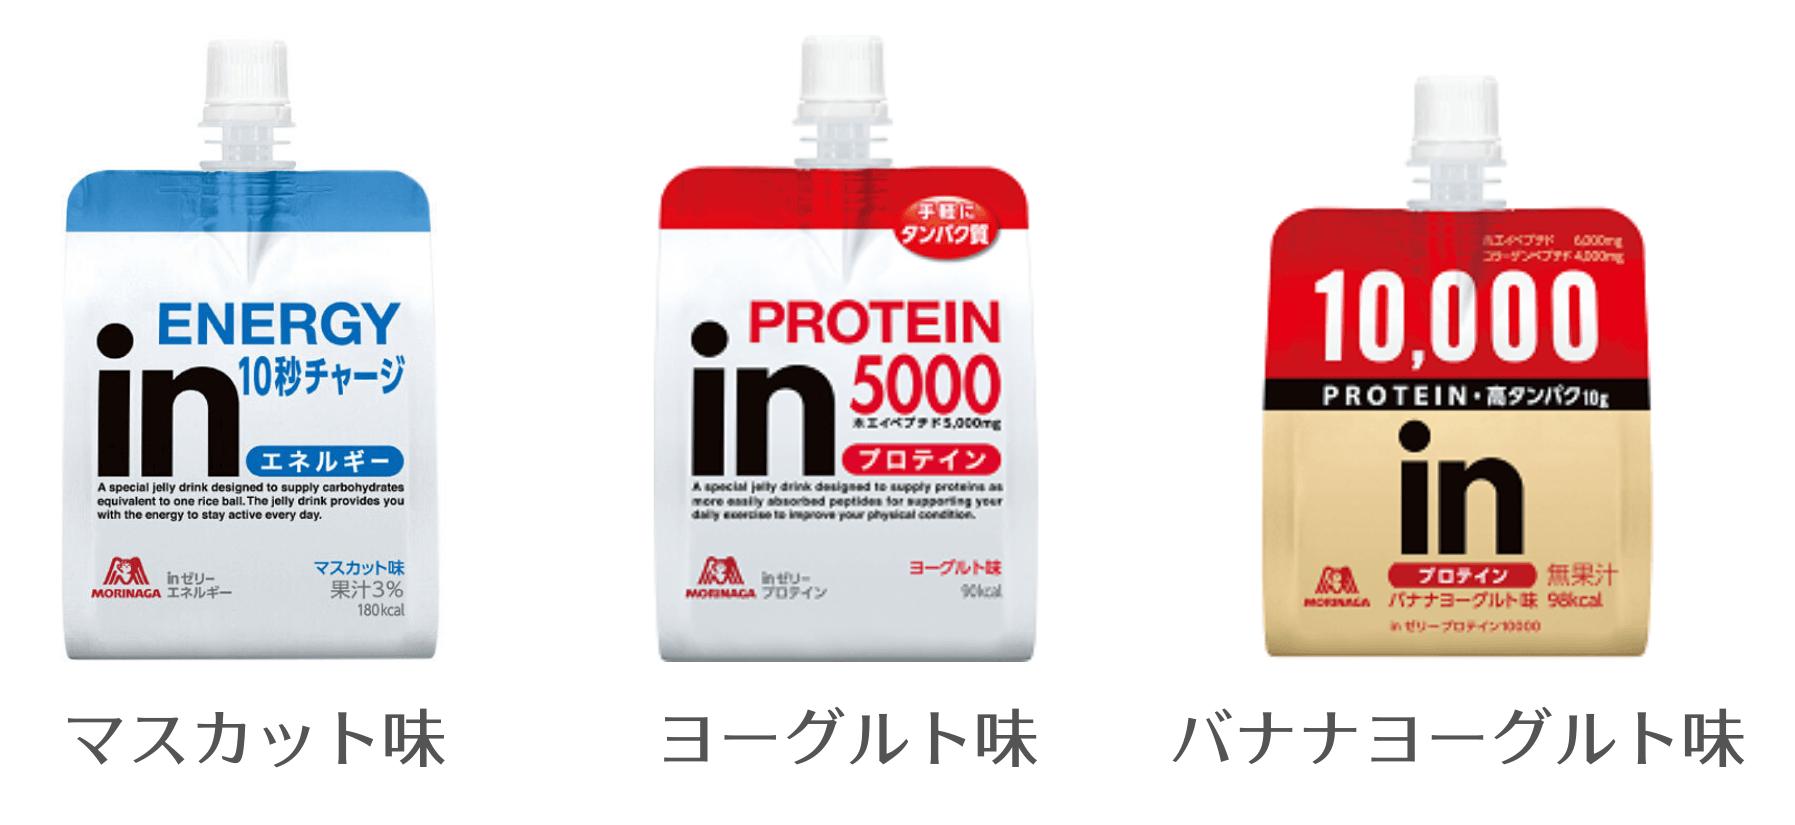 inゼリーの味をプロテイン、プロテイン10000、エネルギーで比較